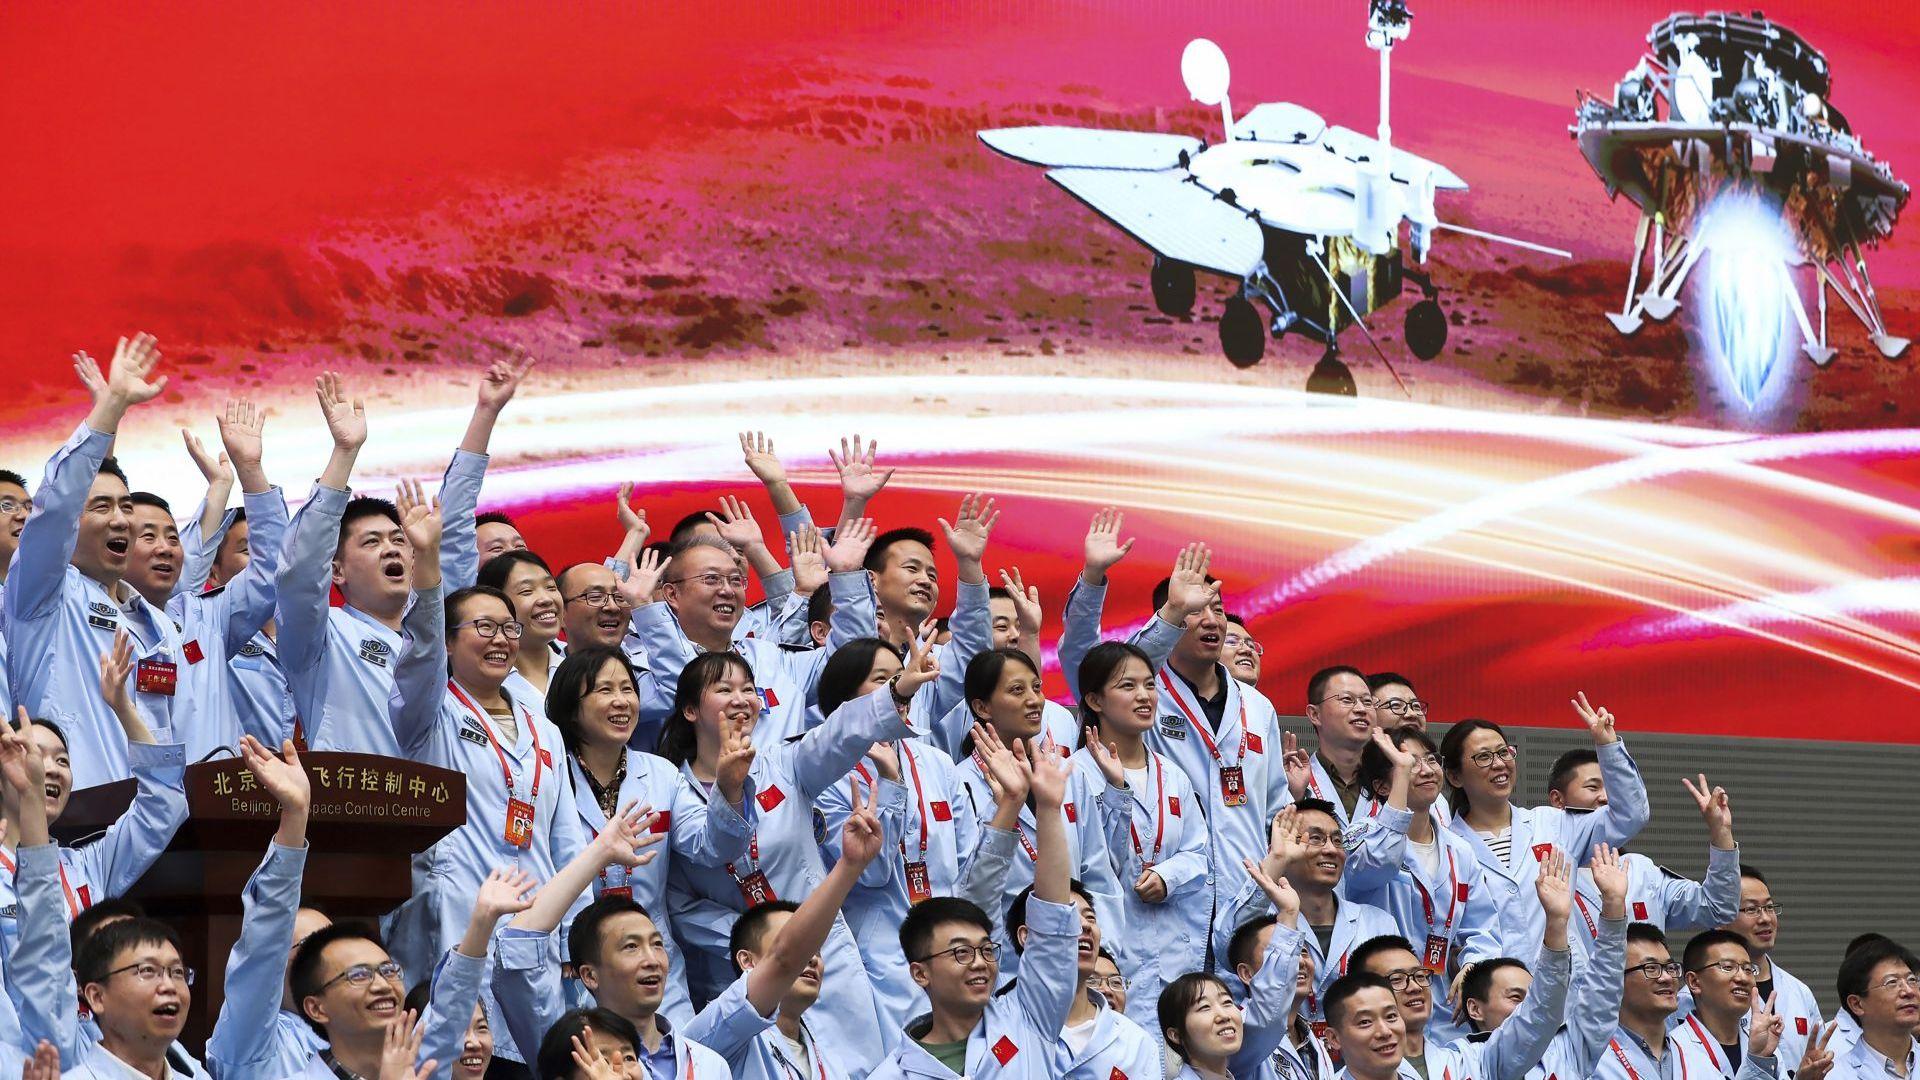 Китай кацна успешно на Марс, Си Цзинпин приветства целия аерокосмически отрасъл